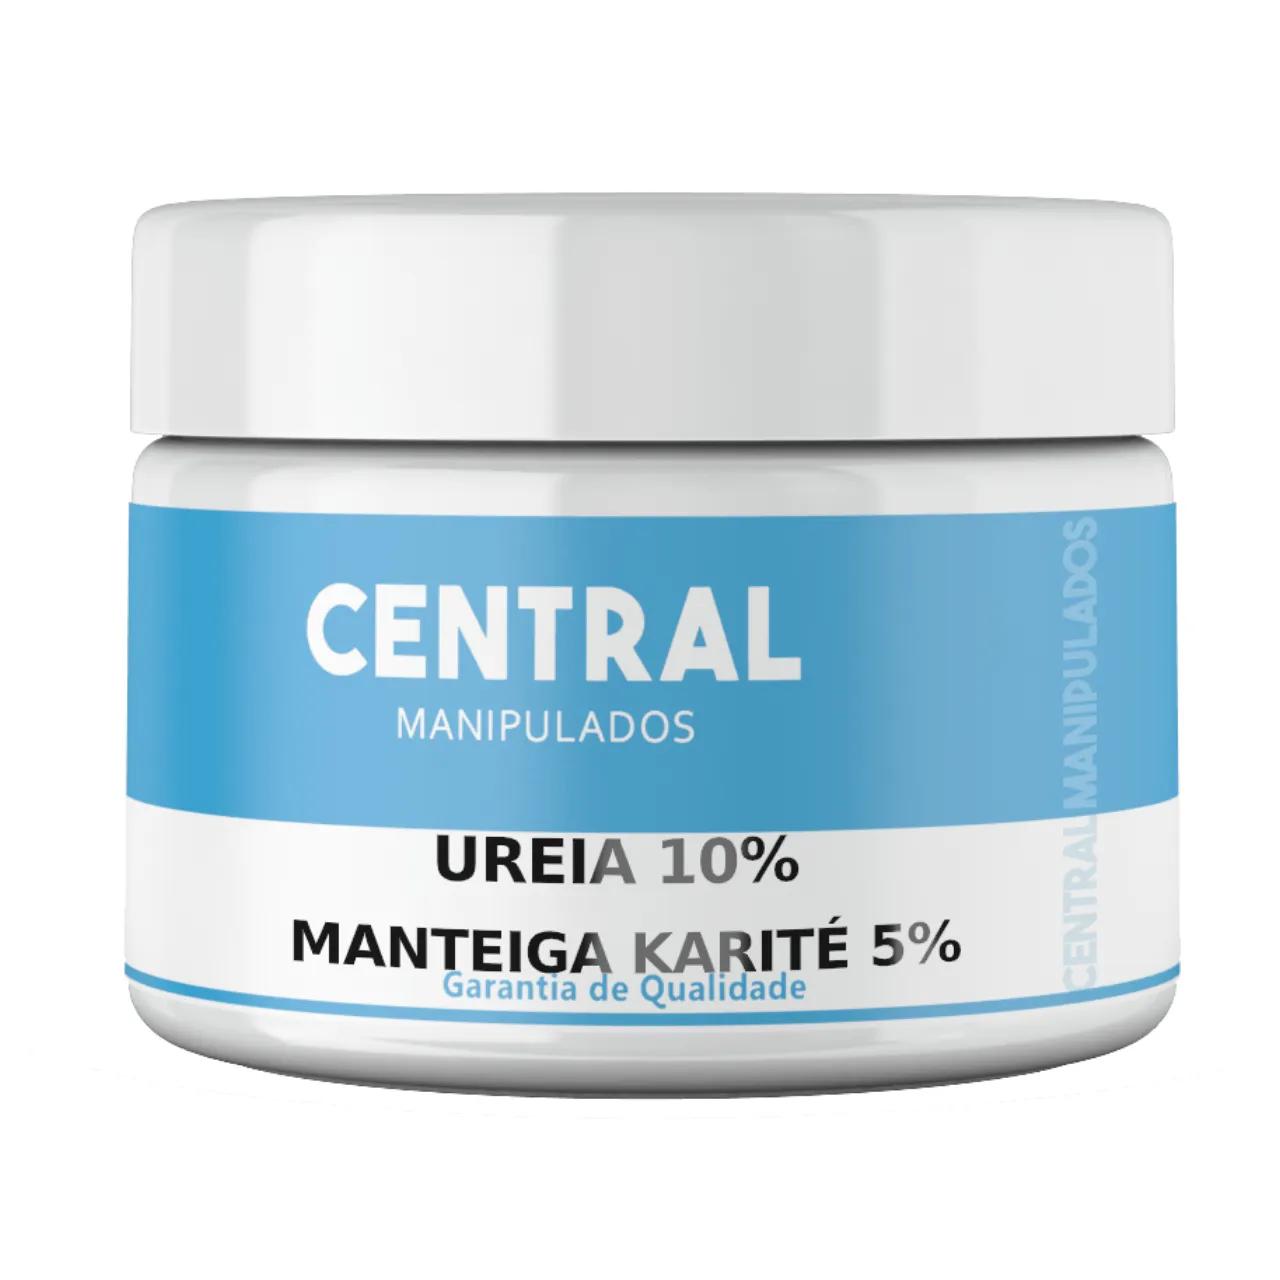 Creme Ureia 10% + Manteiga de Karité 5% + Glicerina 10% - 300gramas - Previne o Ressecamento, Antioxidante, Protege a Pele